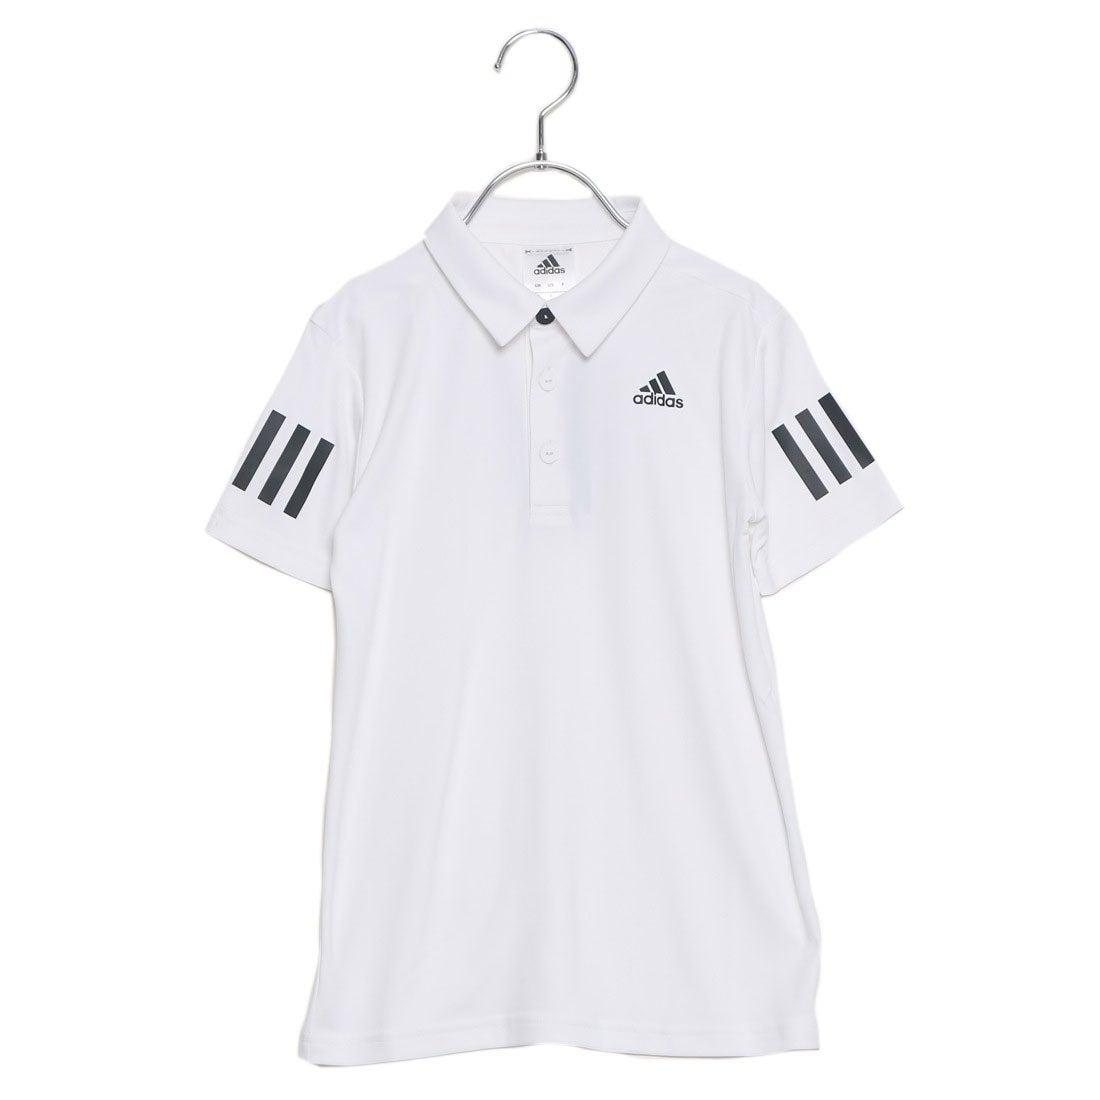 【SALE 50%OFF】アディダス adidas ジュニア テニス 半袖ポロシャツ BOYS CLUB ポロシャツ BJ8234